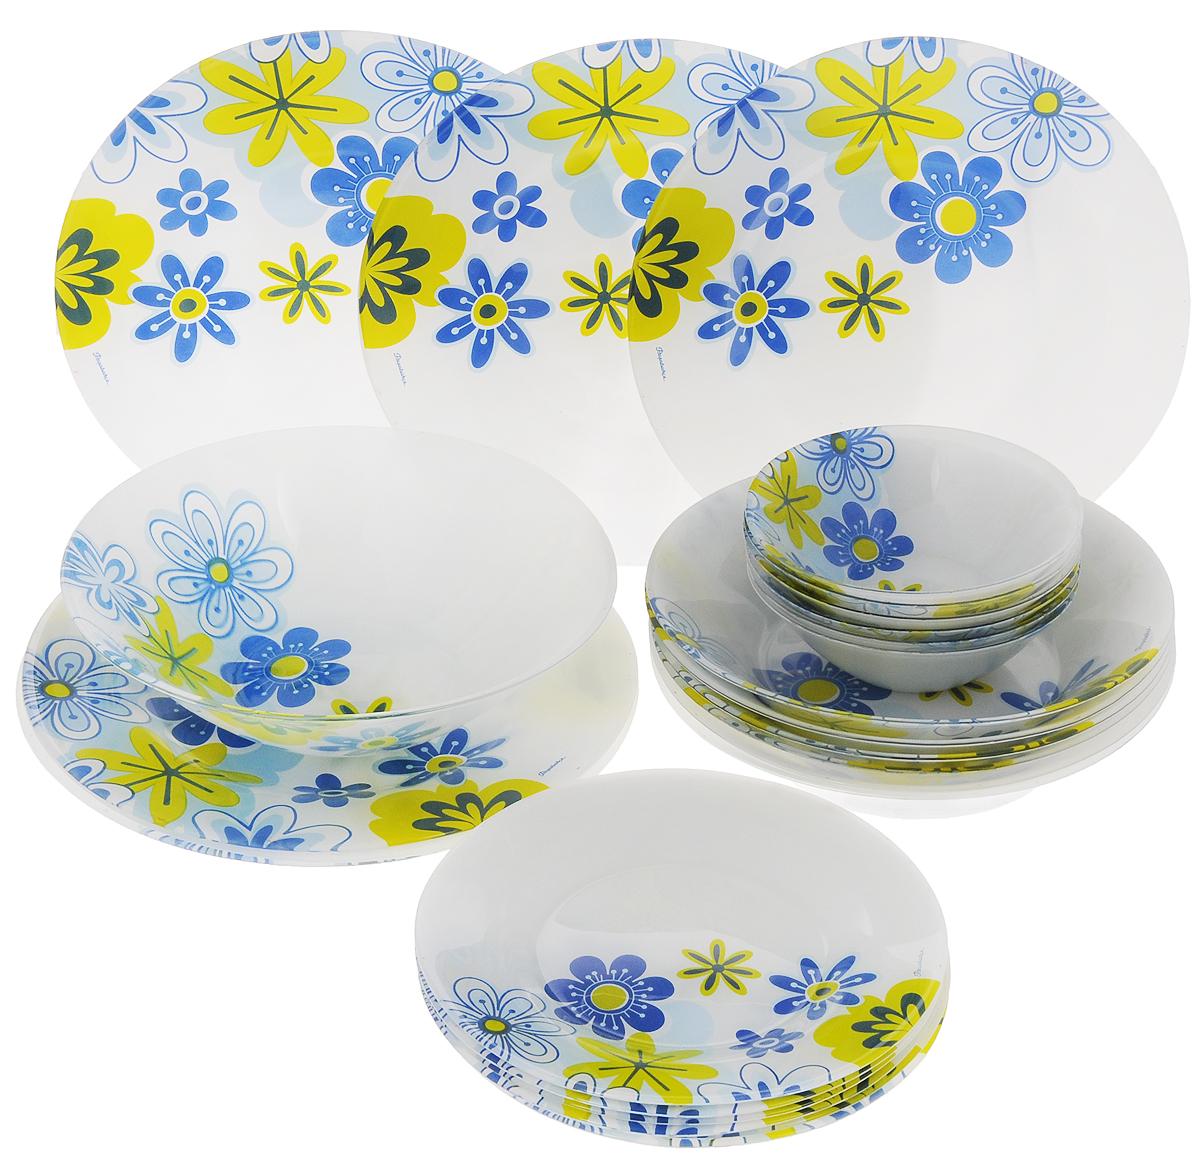 Набор столовой посуды Pasabahce Workshop Spring, 25 предметов95665BСтоловый набор Pasabahce Workshop Spring состоит из шести суповых тарелок, шести десертных тарелок, шести обеденных тарелок и семи салатников. Предметы набора выполнены из натрий-кальций-силикатного стекла, благодаря чему посуда будет использоваться очень долго, при этом сохраняя свой внешний вид. Предметы набора имеют повышенную термостойкость. Набор создаст отличное настроение во время обеда, будет уместен на любой кухне и понравится каждой хозяйке. Красочное оформление предметов набора придает ему оригинальность и торжественность. Практичный и современный дизайн делает набор довольно простым и удобным в эксплуатации. Предметы набора можно мыть в посудомоечной машине. Диаметр суповой тарелки: 22 см. Высота стенок суповой тарелки: 5 см. Диаметр обеденной тарелки: 26 см. Высота обеденной тарелки: 2 см. Диаметр десертной тарелки: 20 см. Высота десертной тарелки: 1,5 см. Диаметр большого салатника:...